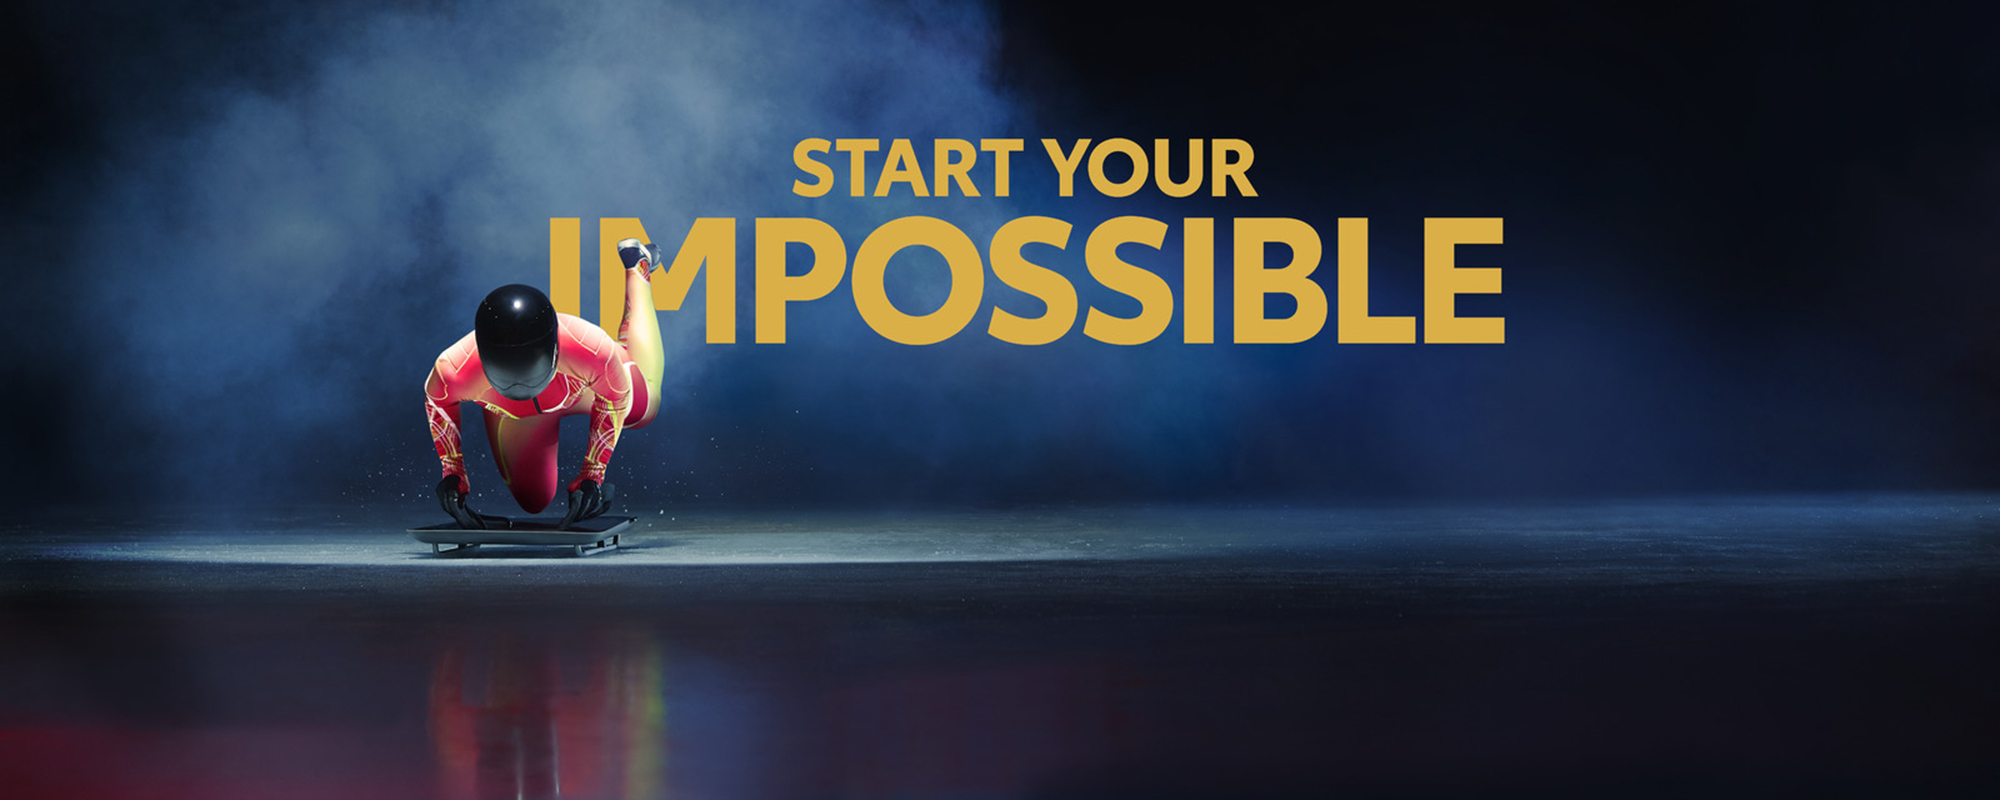 Toyota lanceert wereldwijde corporate campagne 'Start Your Impossible'